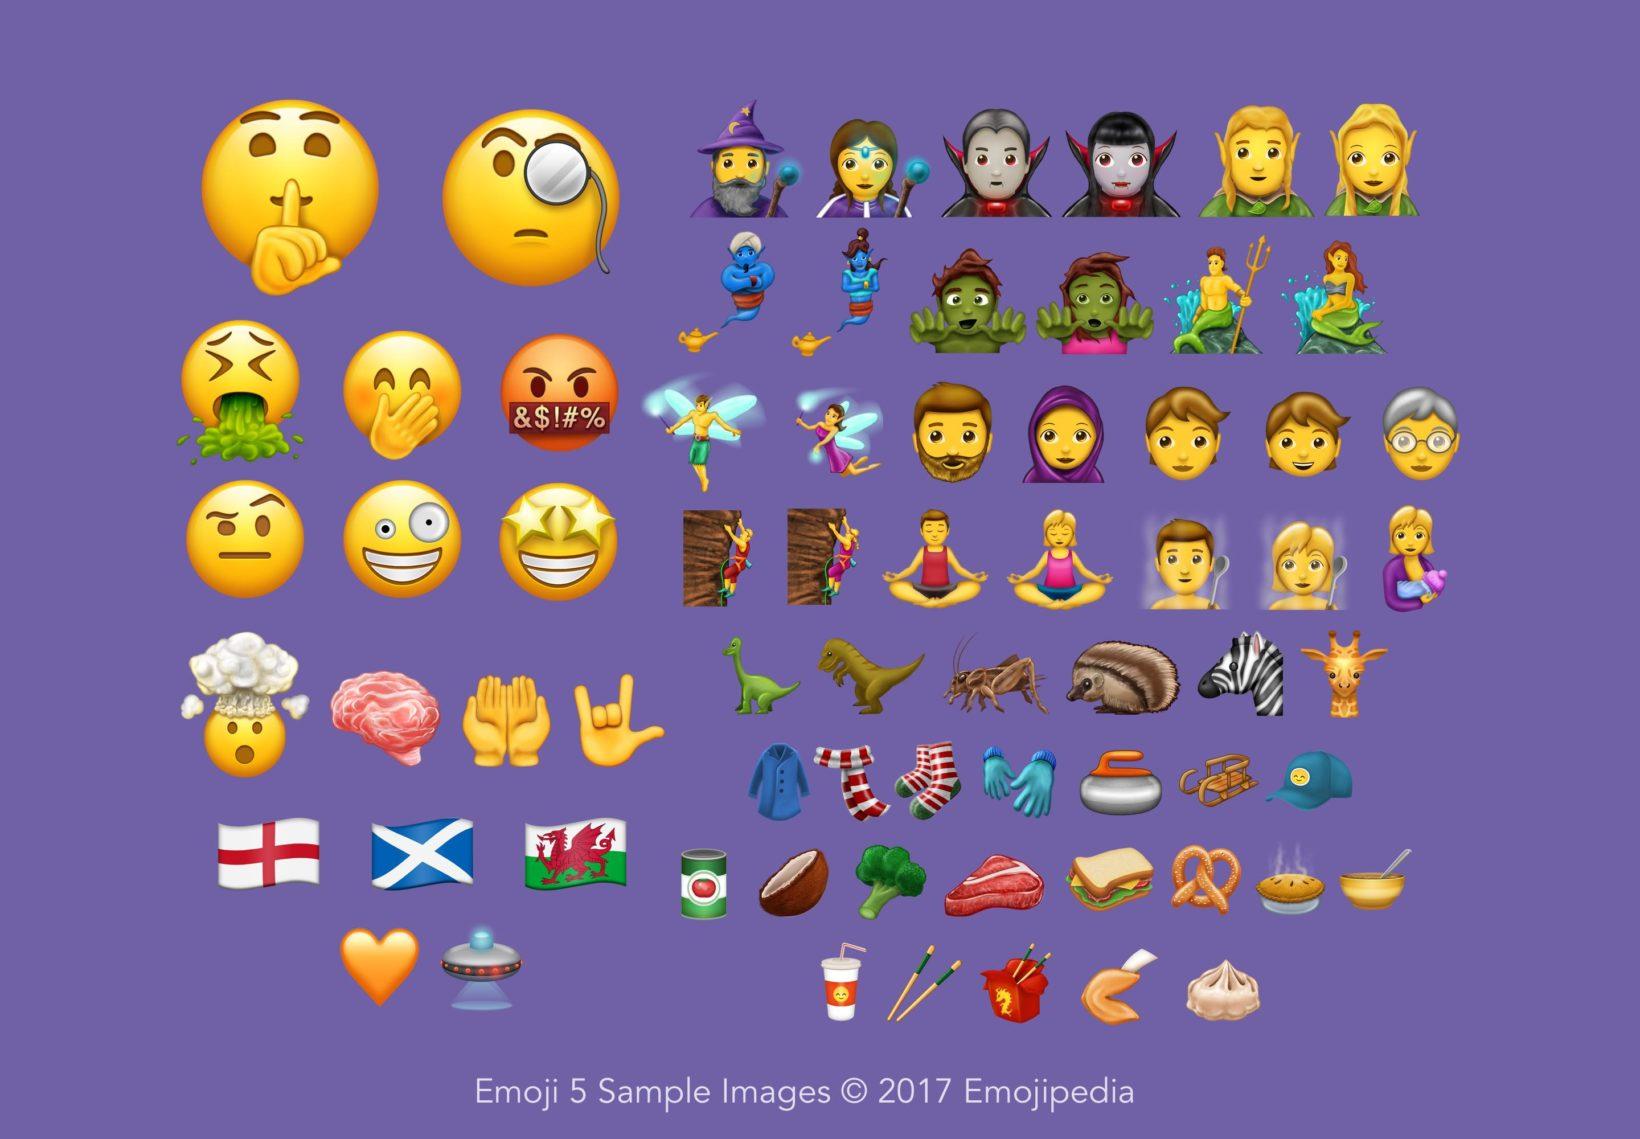 nuove emoji unicode 10.0.0